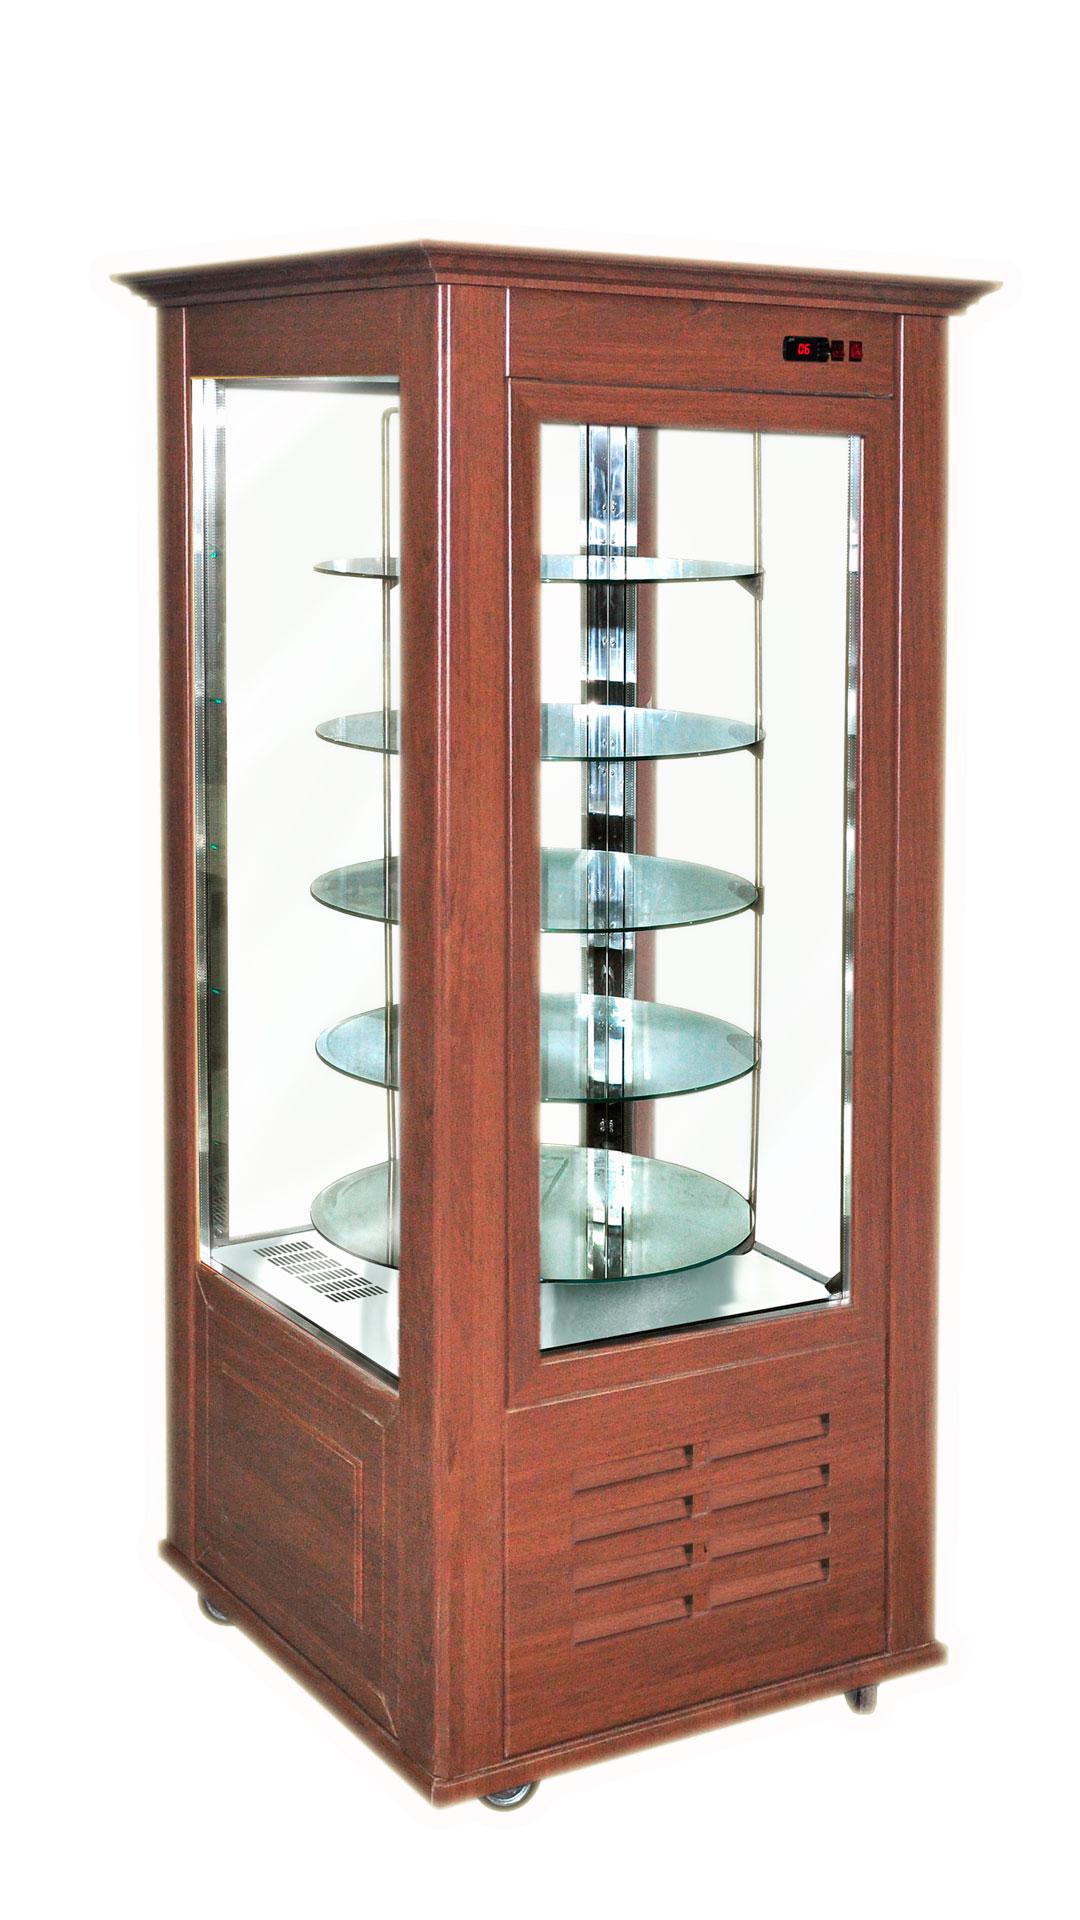 Confectionery cabinet Arkansas TR 500 AV 070 patisserie